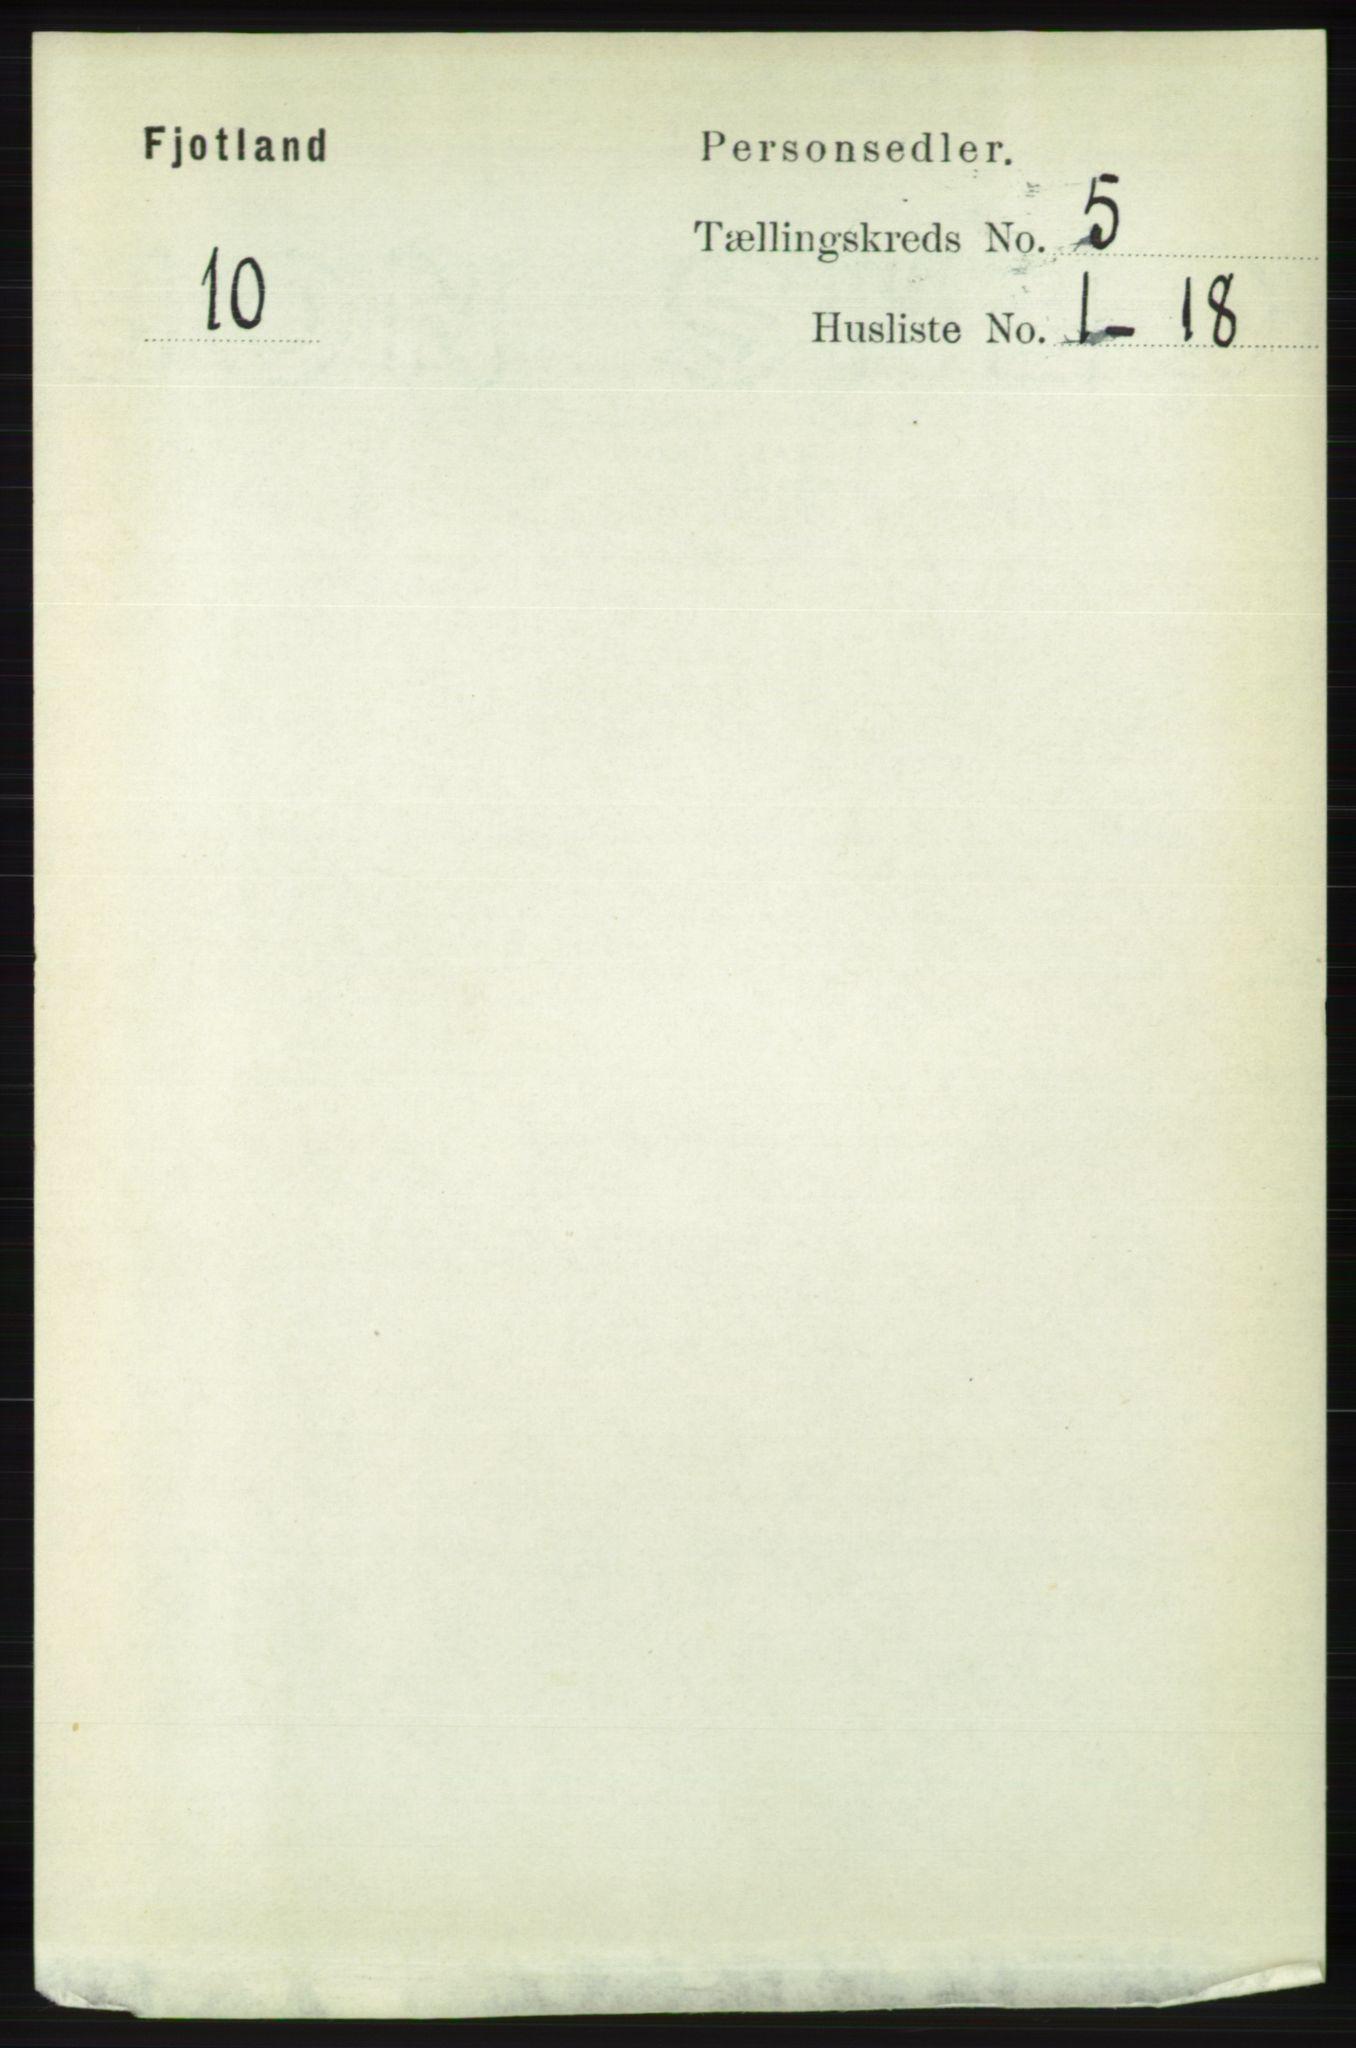 RA, Folketelling 1891 for 1036 Fjotland herred, 1891, s. 718